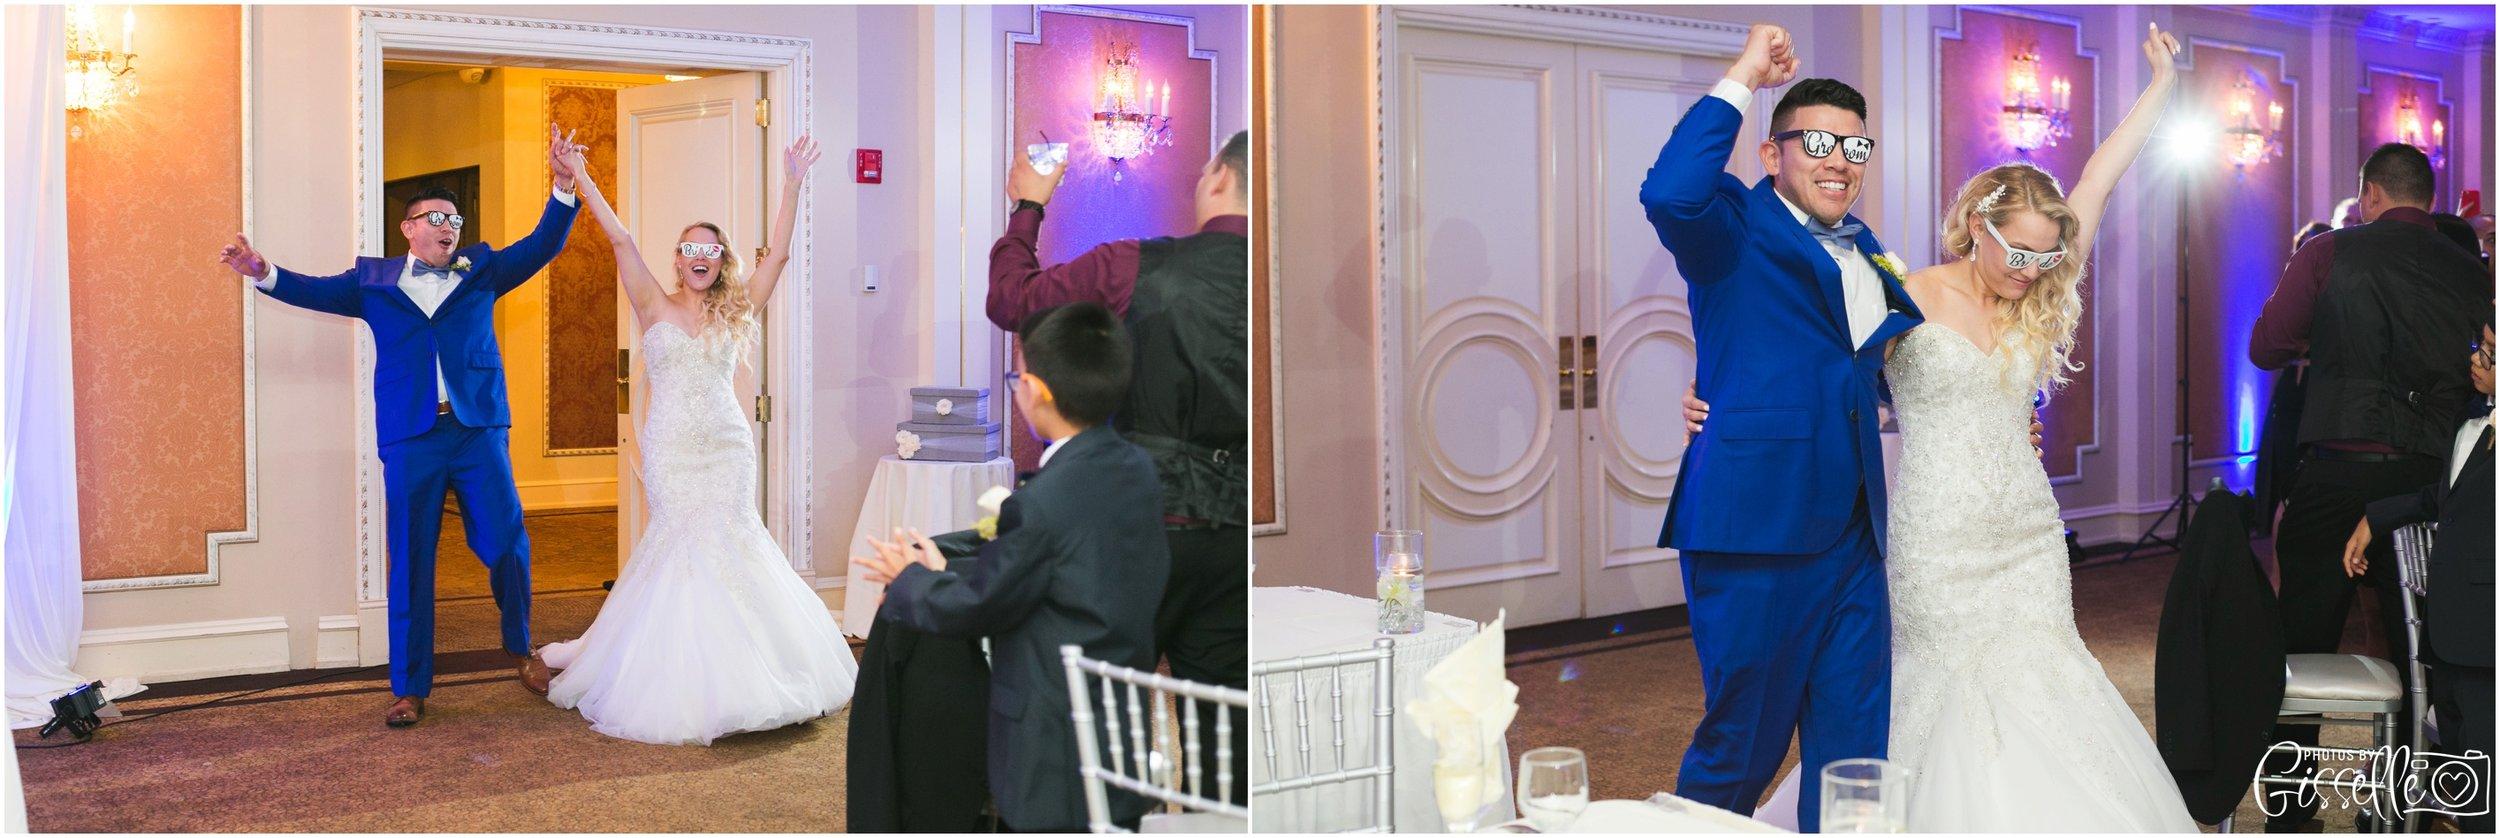 Astoria Banquets Wedding027.jpg